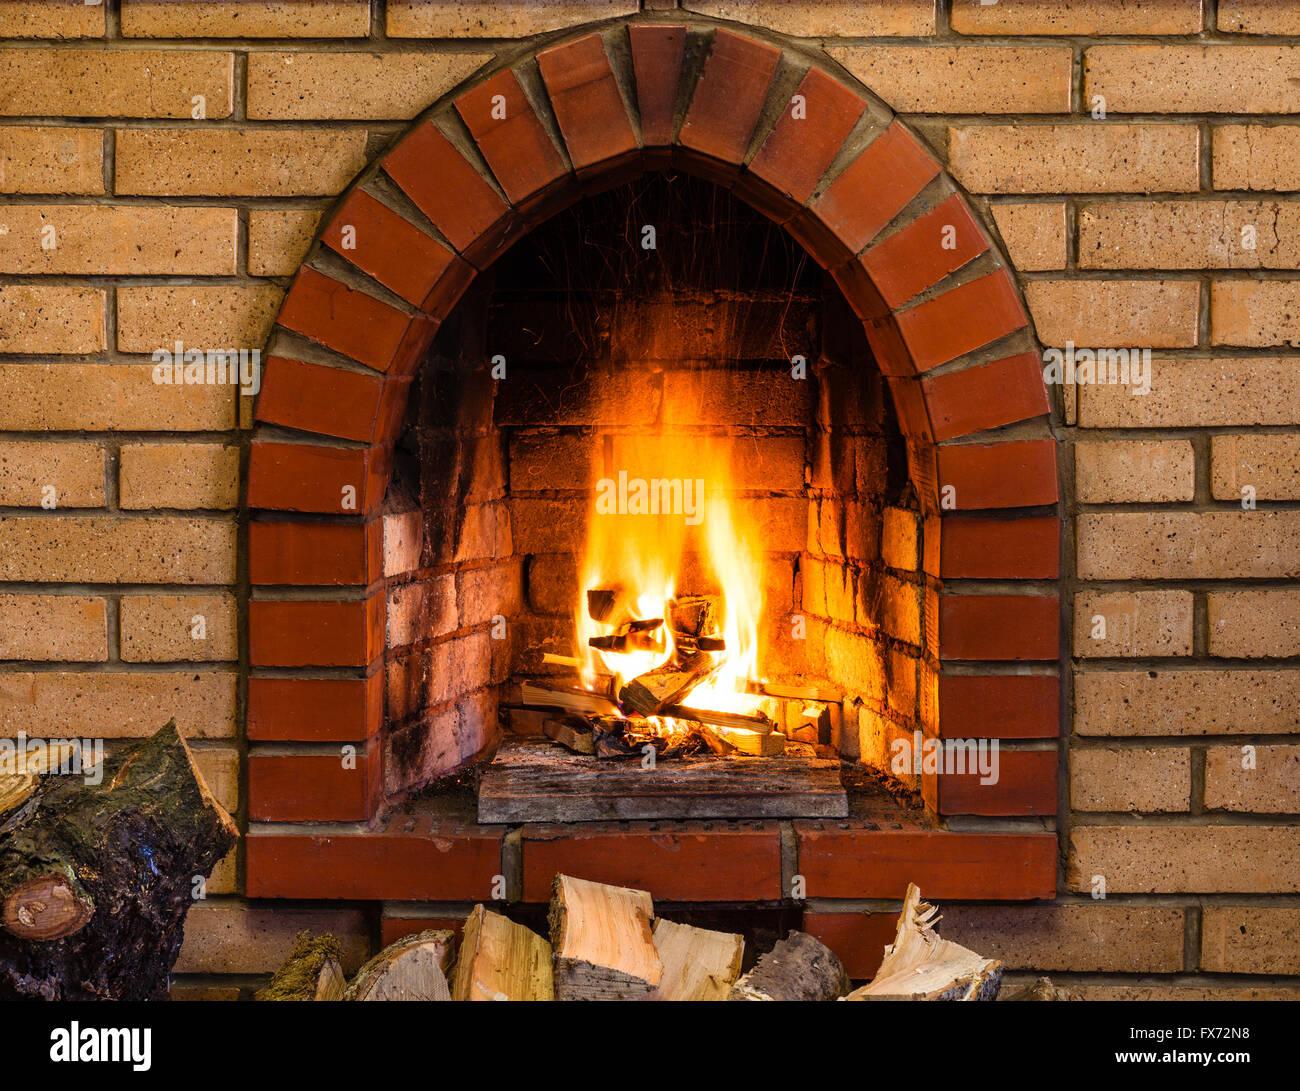 Offenes Feuer Im Indoor Gemauerten Kamin Im Landhaus Stockfoto Bild